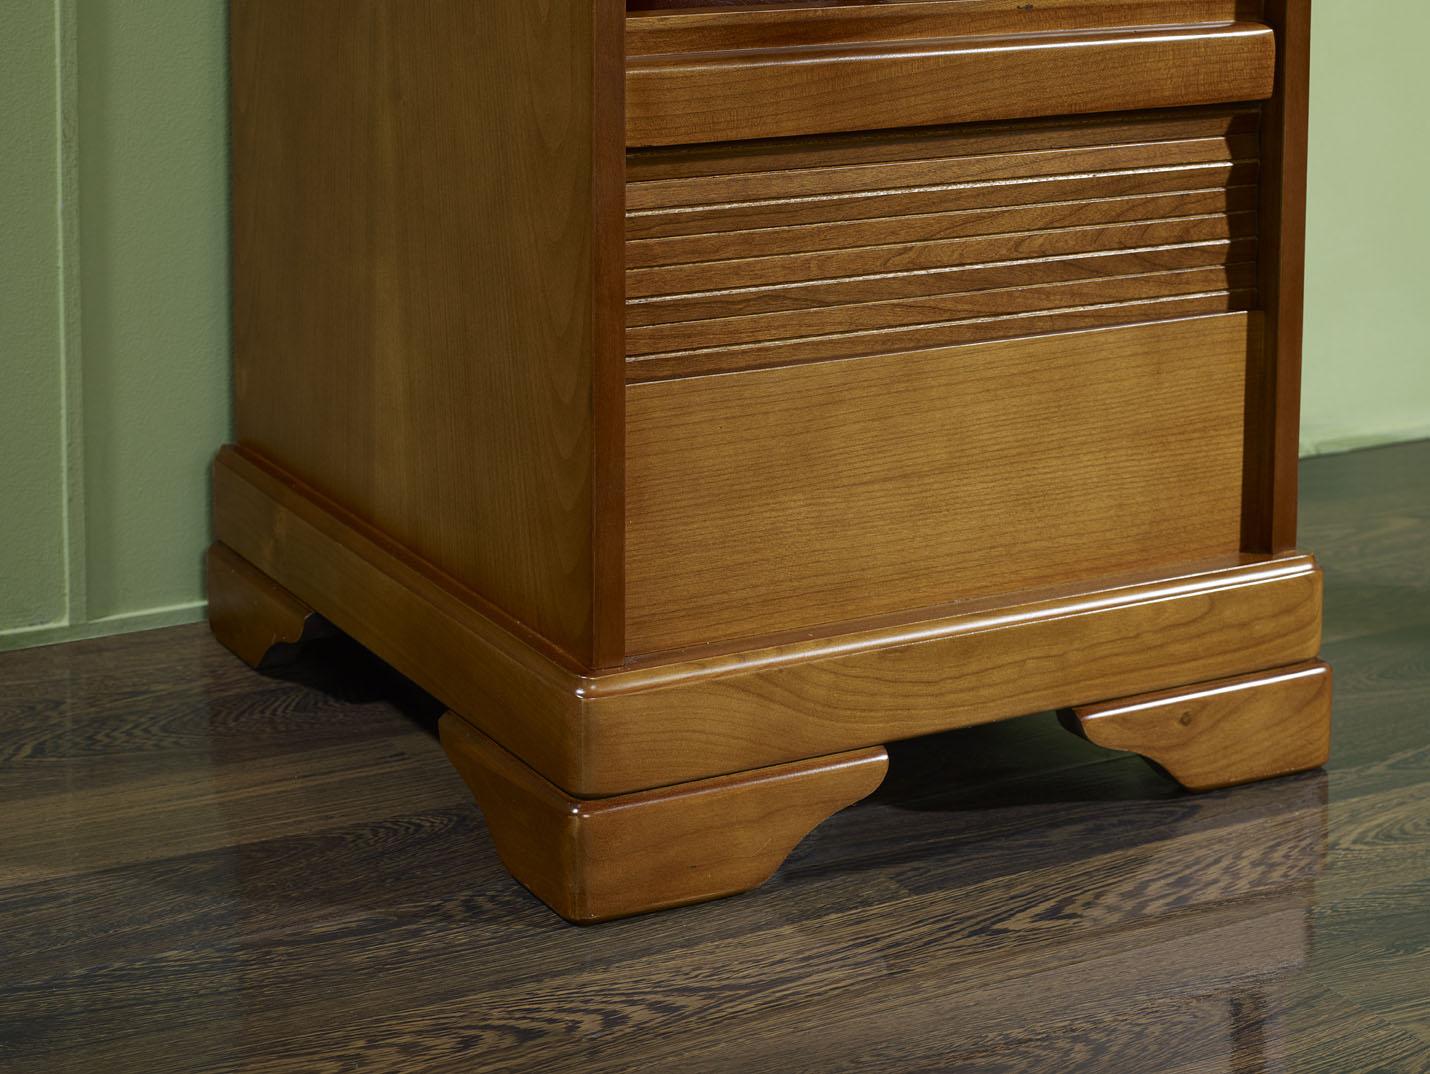 classeur rideau en merisier de style louis philippe meuble en merisier massif. Black Bedroom Furniture Sets. Home Design Ideas